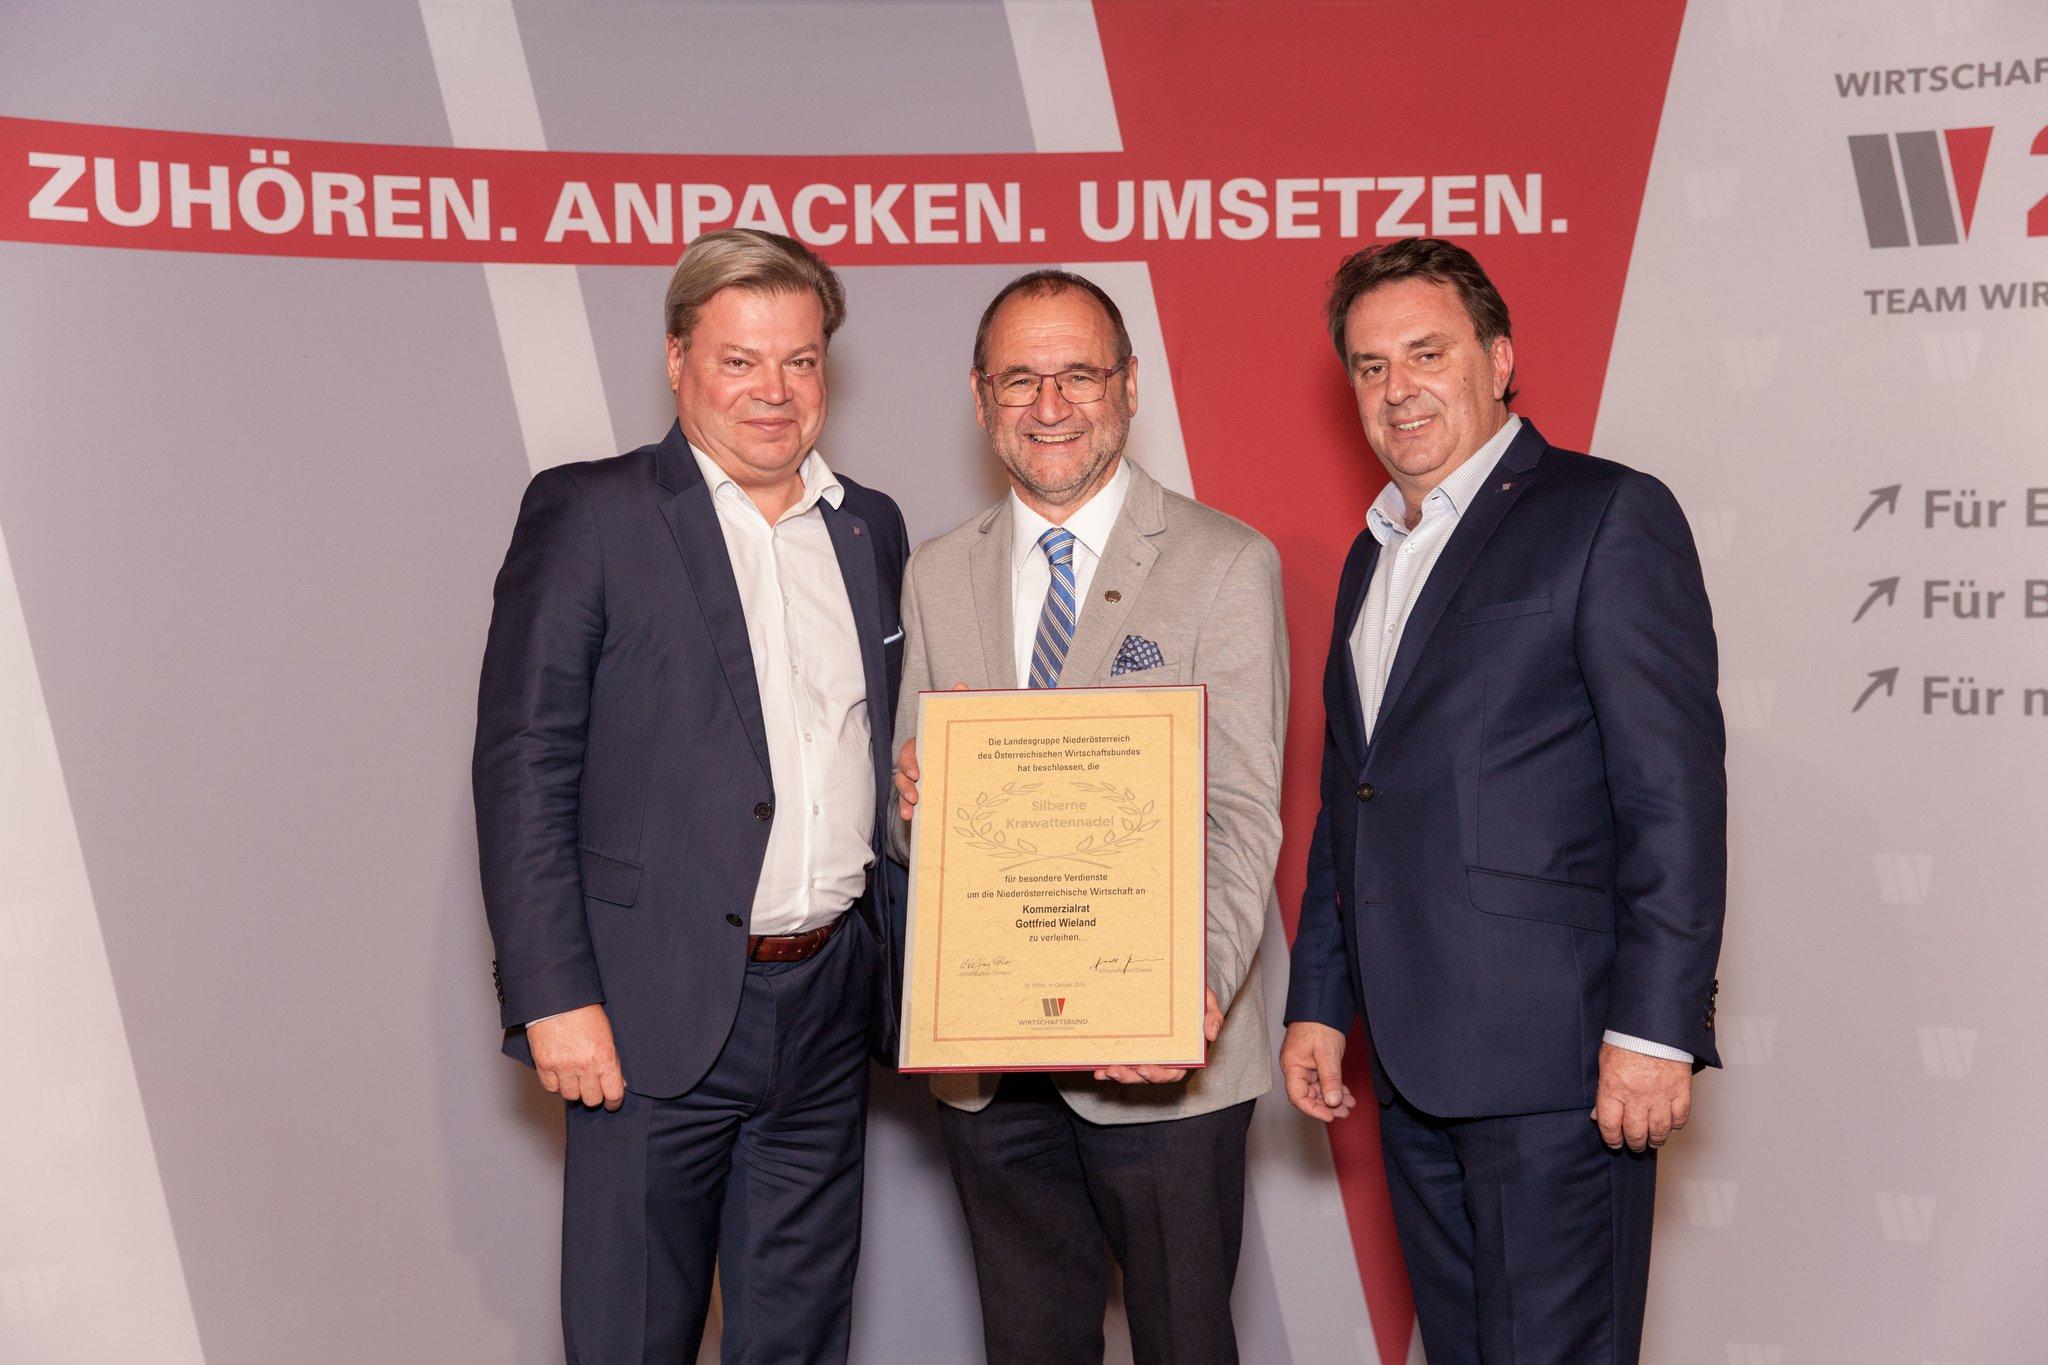 Wirtschaftsbund ehrt Gottfried Wieland aus Senftenberg - Krems - meinbezirk.at